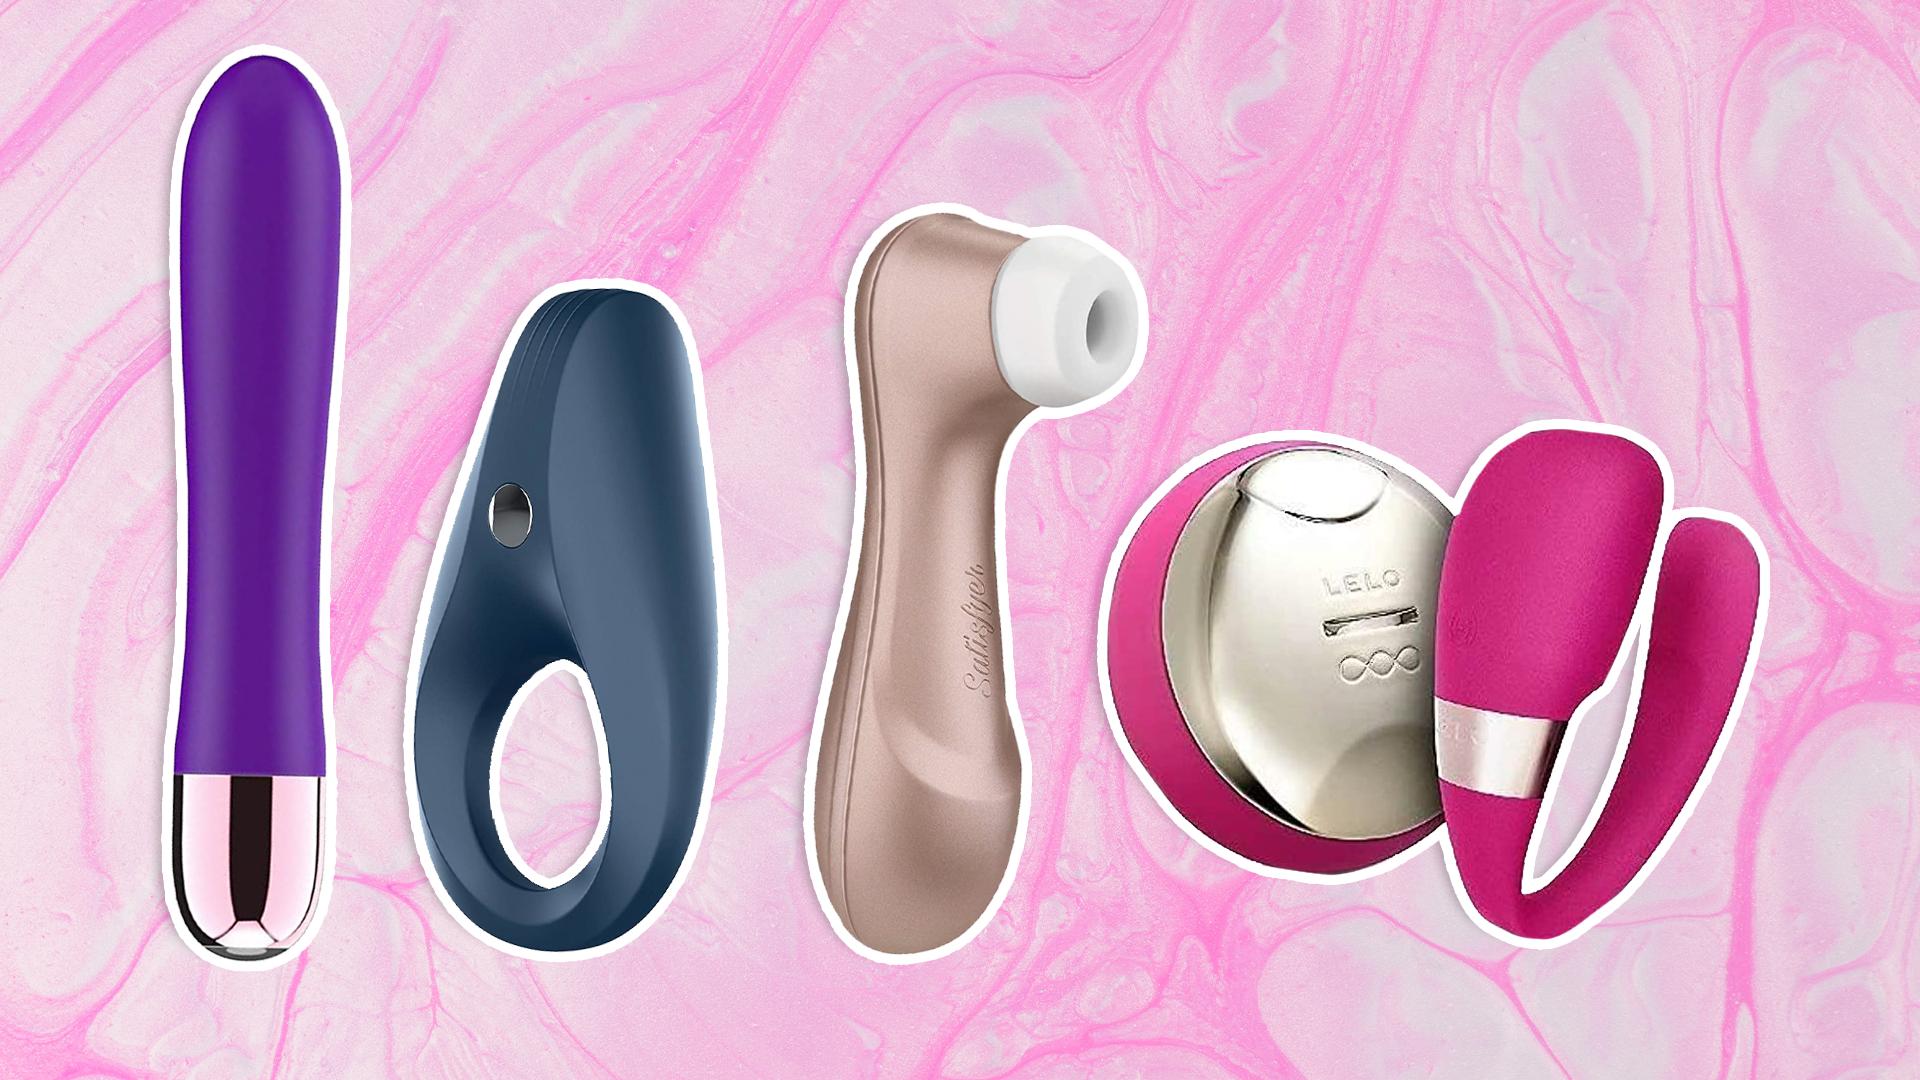 Estos juguetes sexuales en Amazon serán sus mejores compras Prime hasta la fecha - Noticias y chismes de la farándula mundial